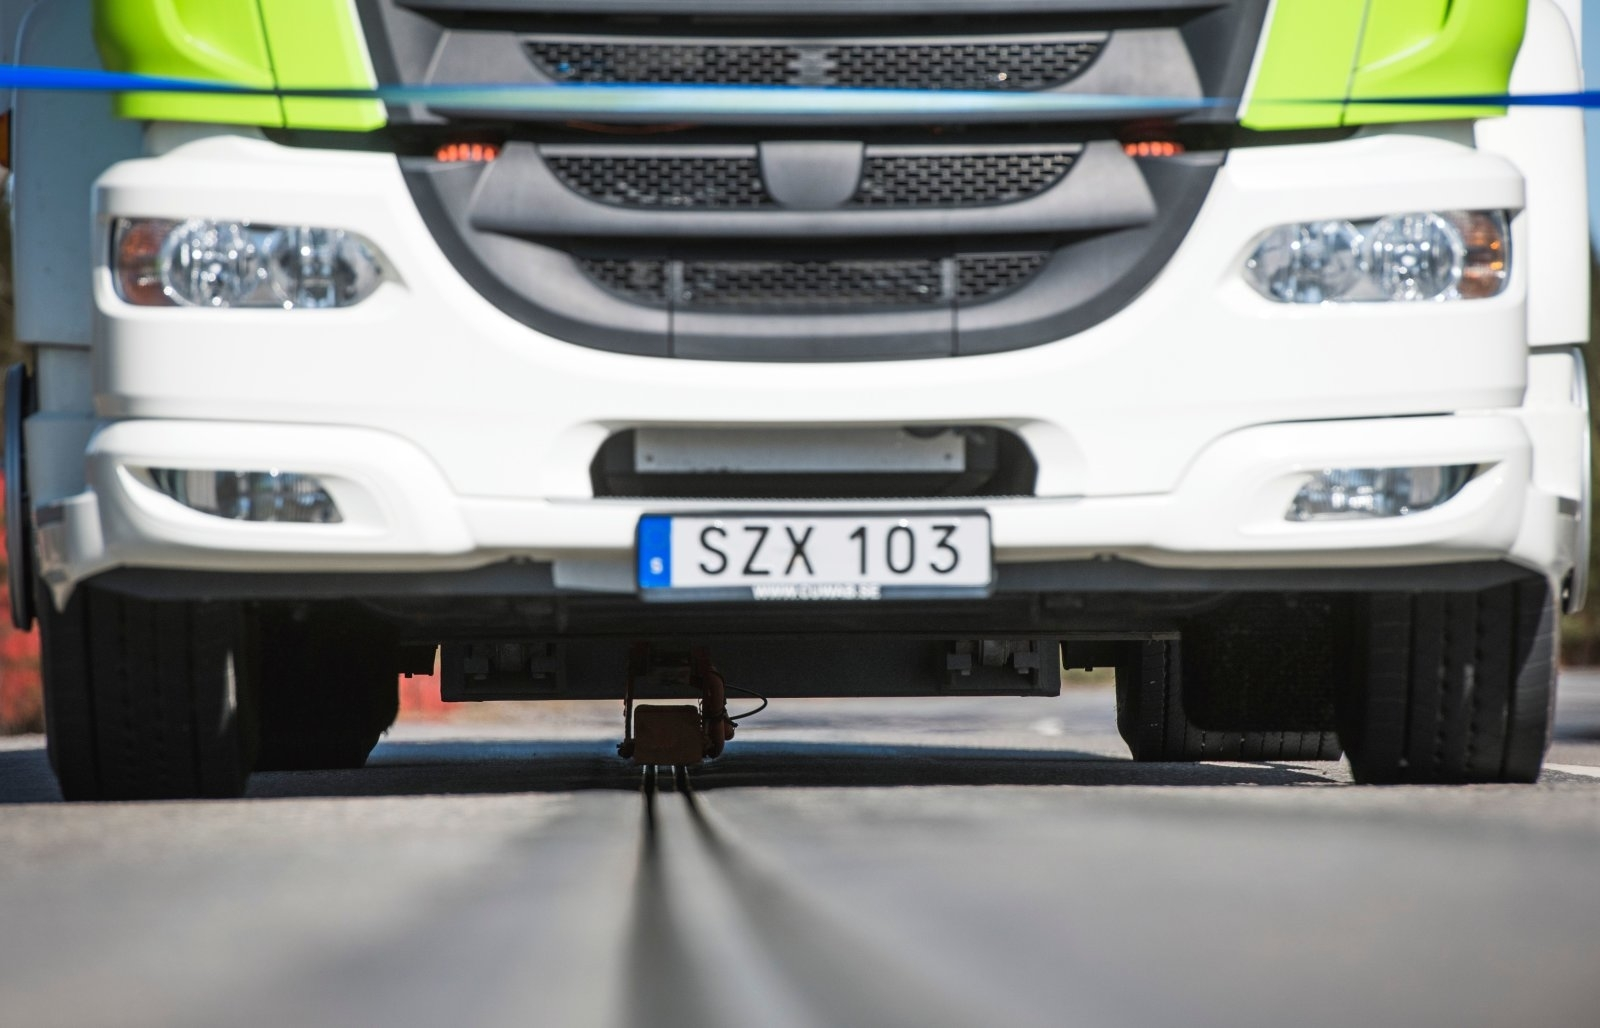 Дороги с функцией зарядки позволят снизить стоимость электромобилей